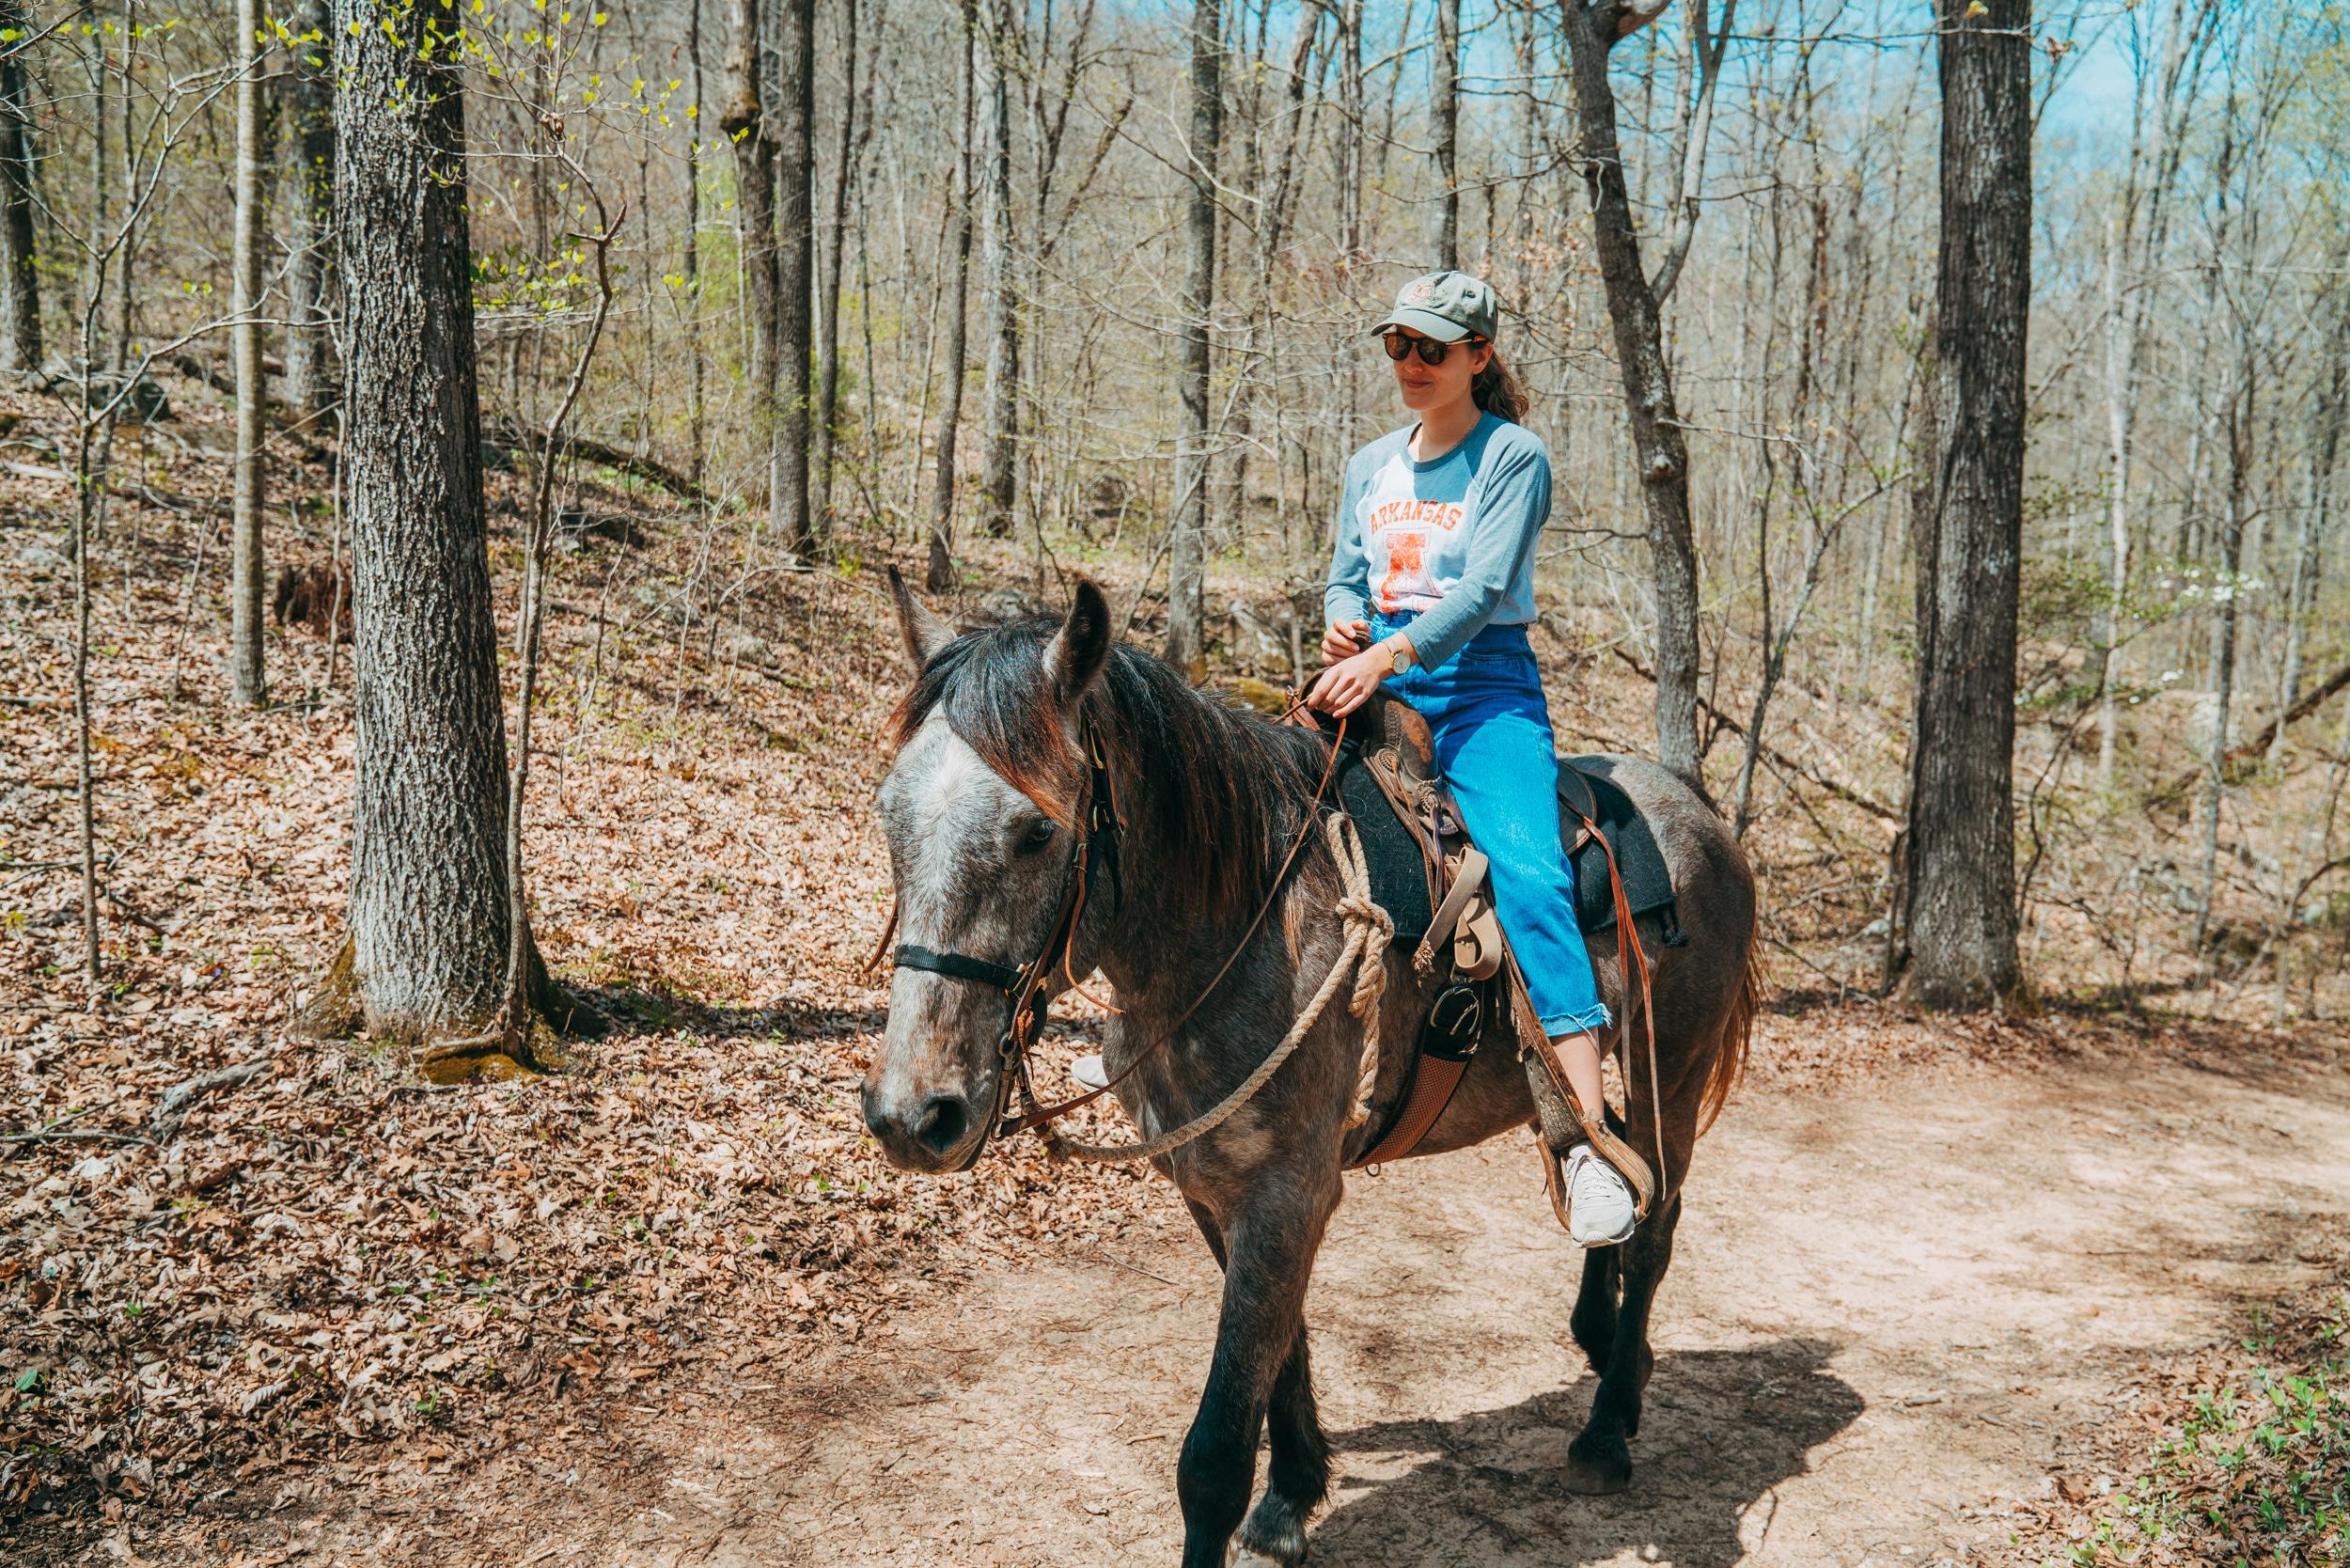 A girl horseback riding in Buffalo River Country